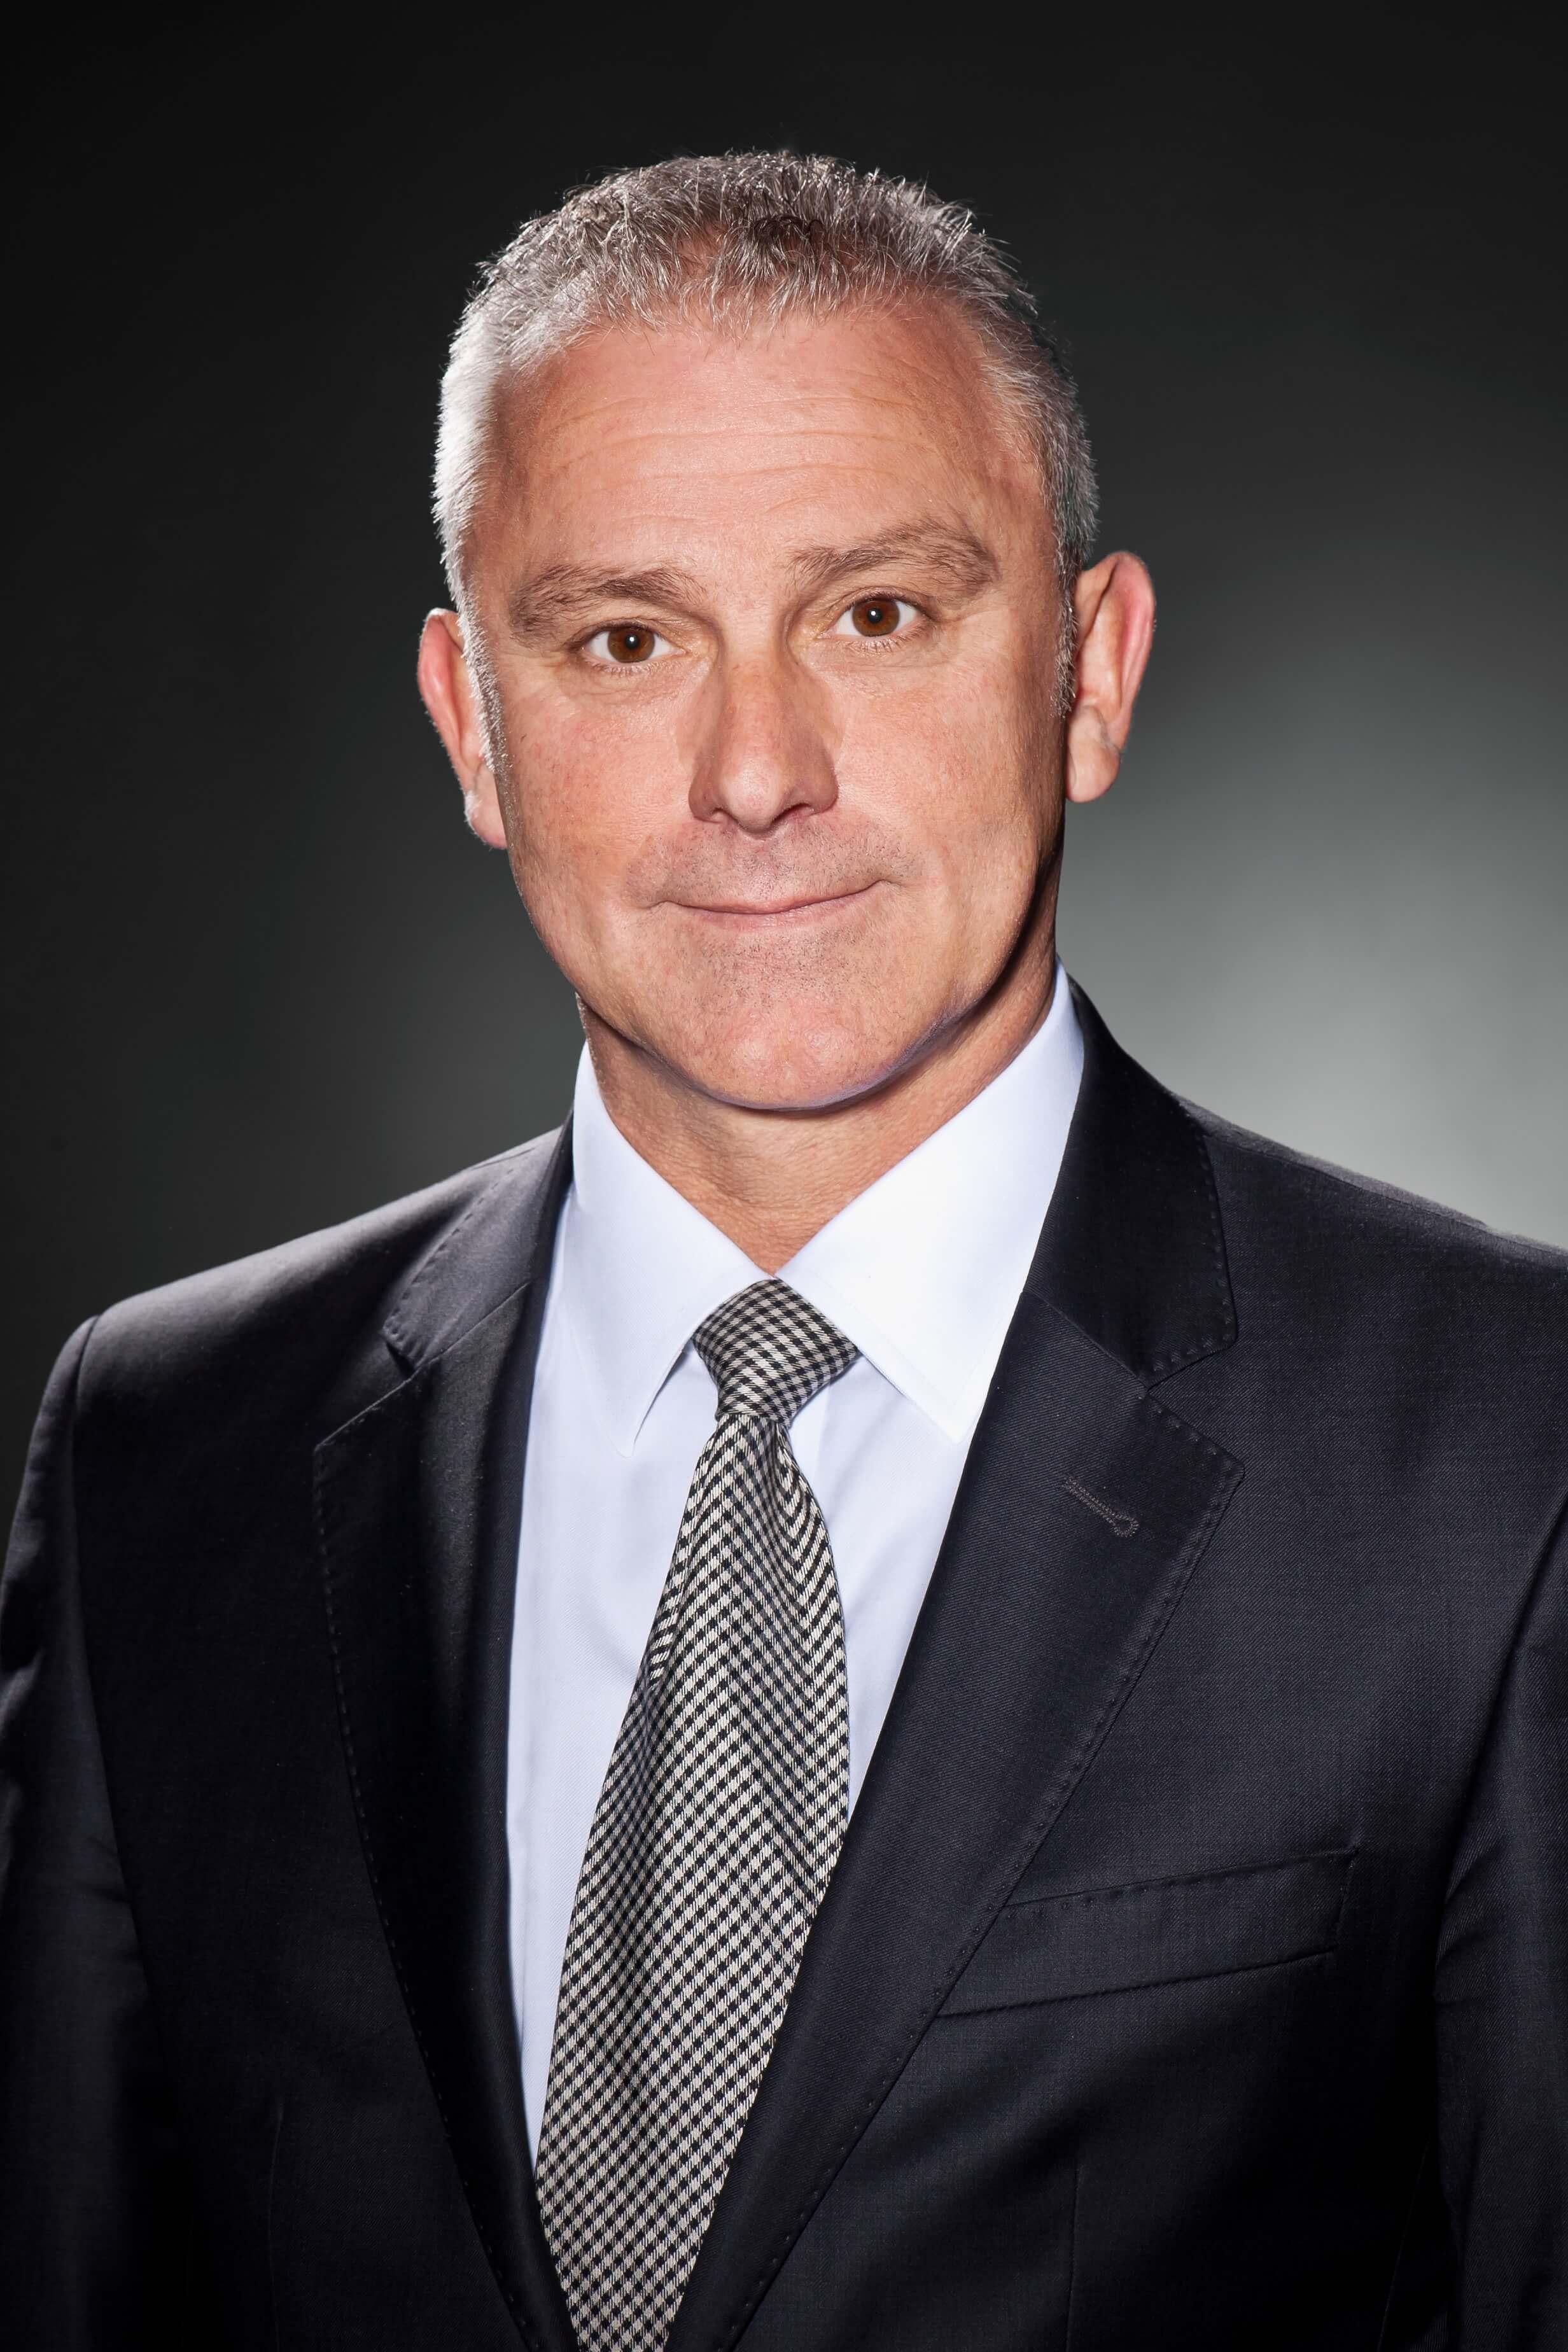 Michael Laux